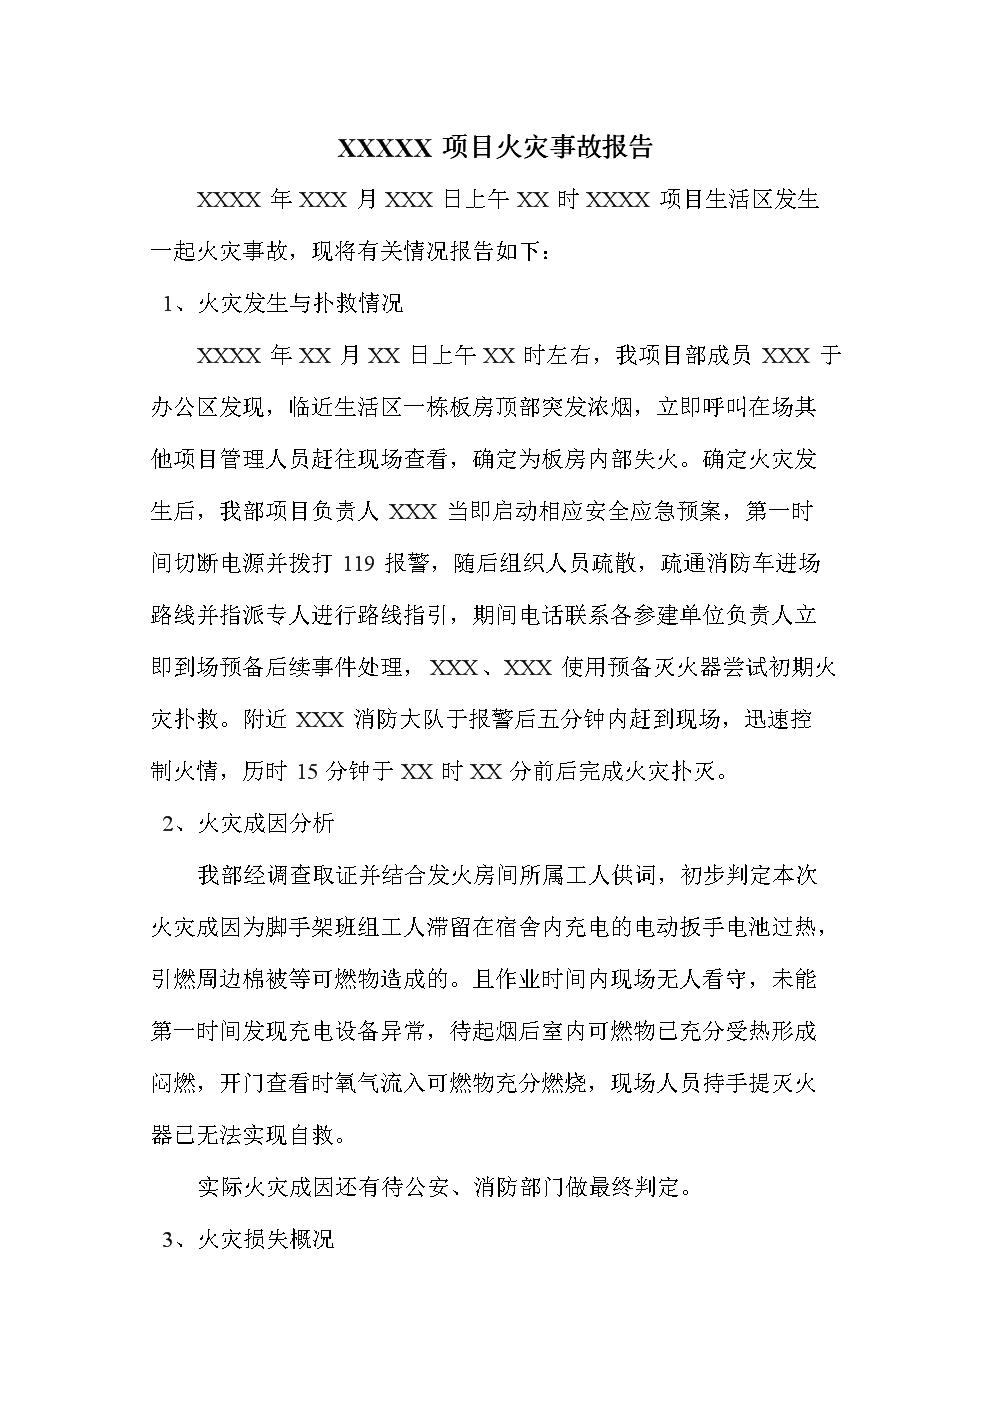 建设工程火灾事故报告.doc